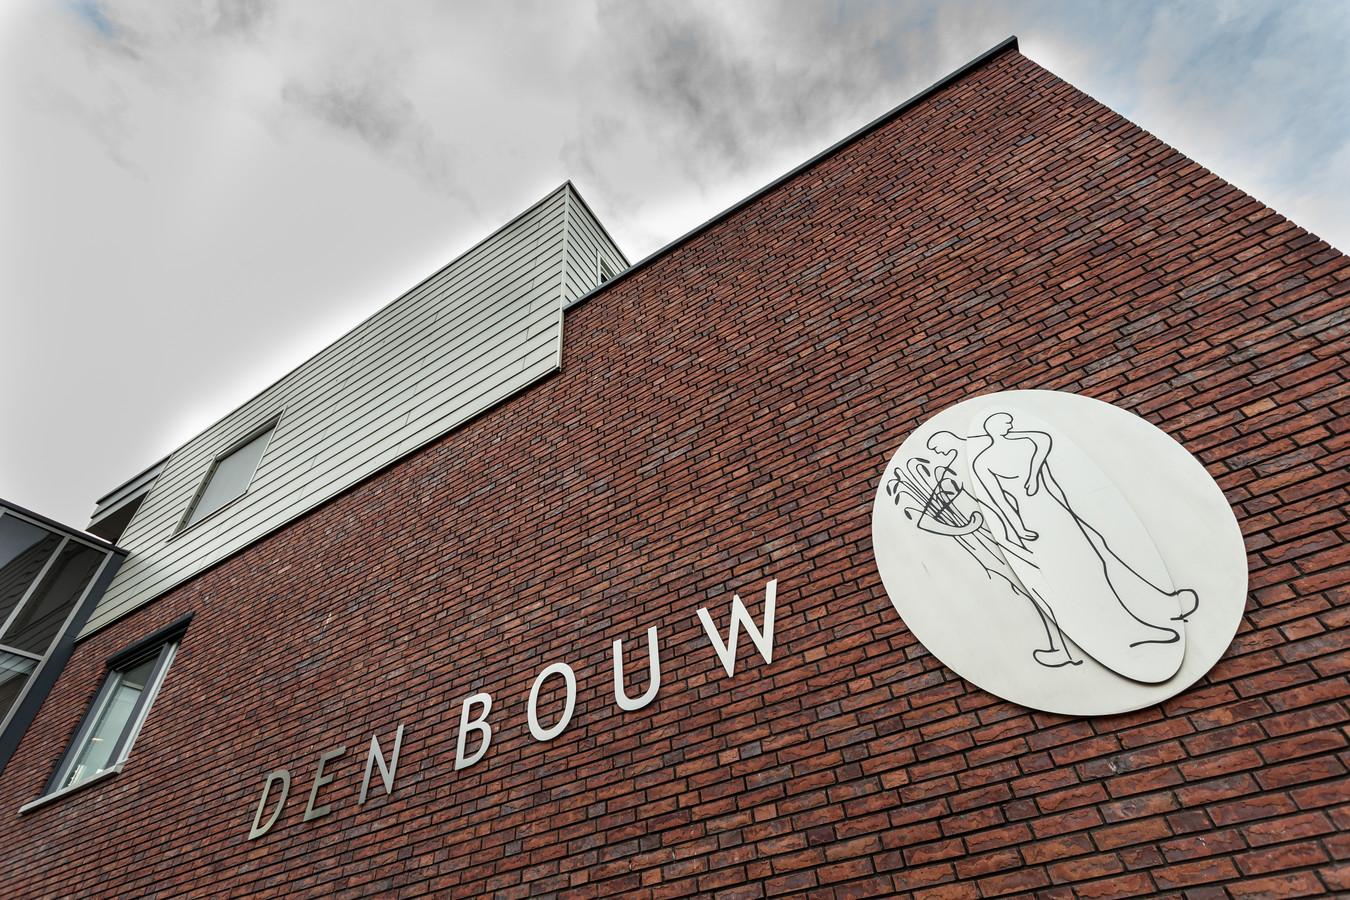 Woon-zorgcentrum Den Bouw uit Warnsveld is op de vingers getikt, maar heeft inmiddels voldoende orde op zaken gesteld.